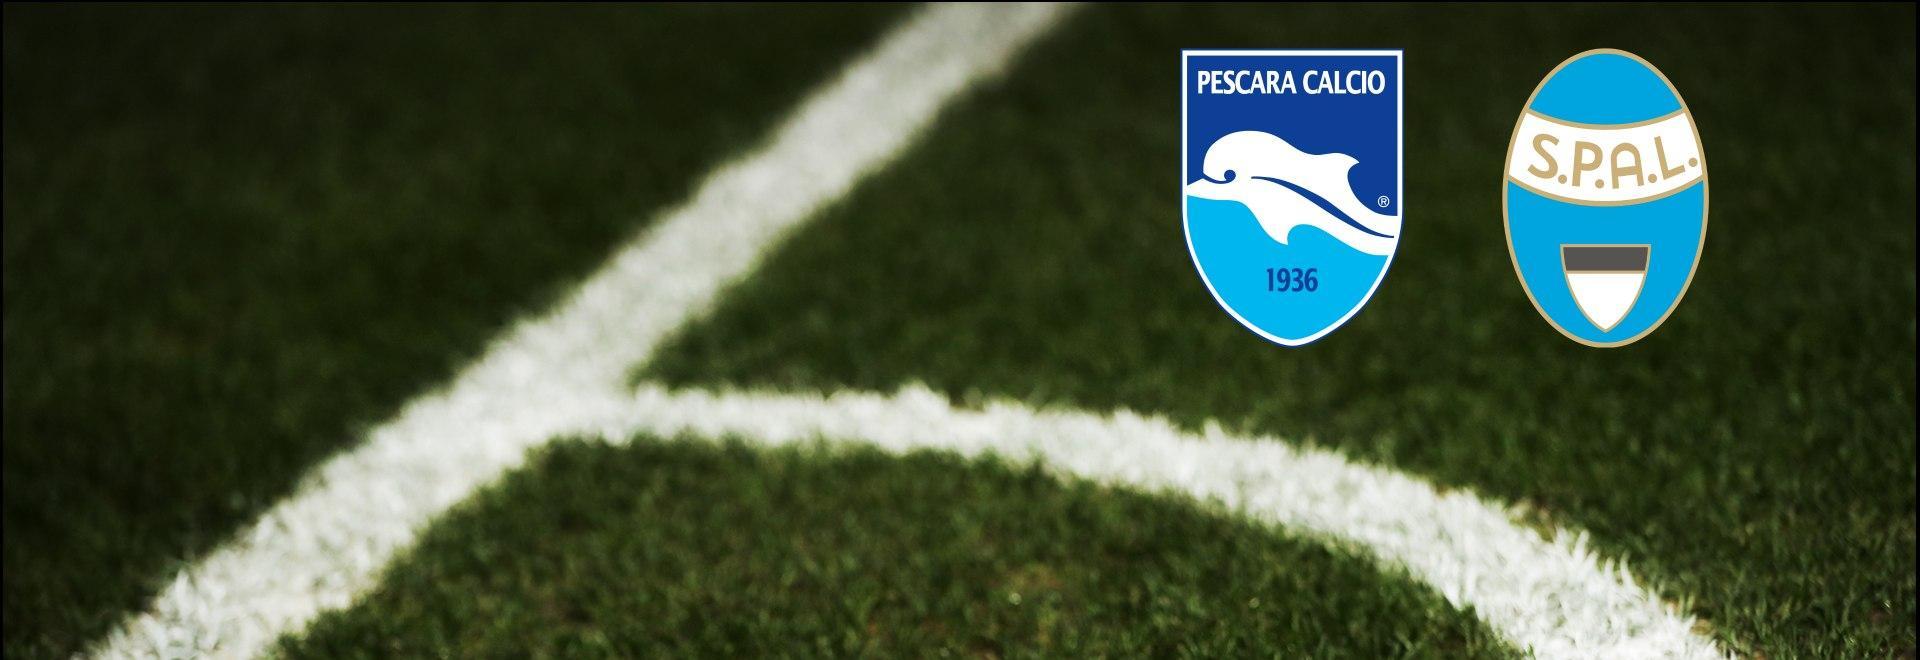 Pescara - Spal. 27a g.